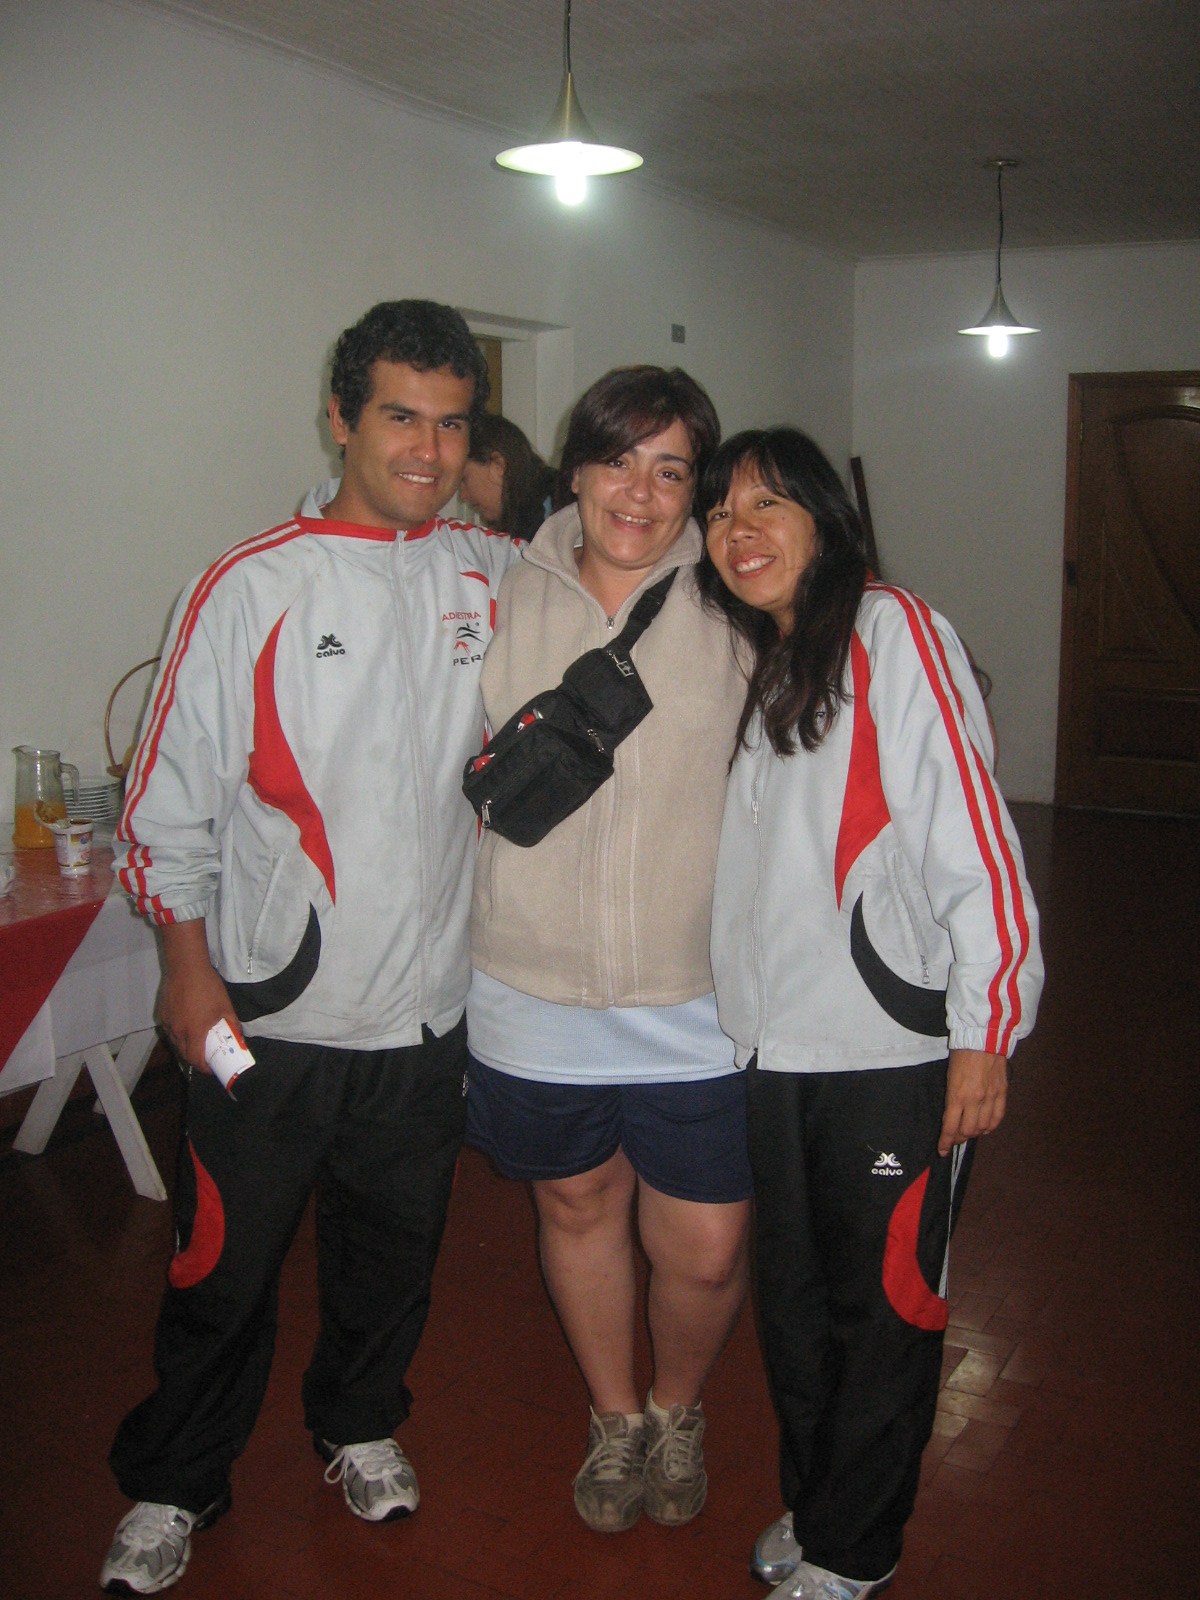 Con Laura de Santa Fe - Argentina